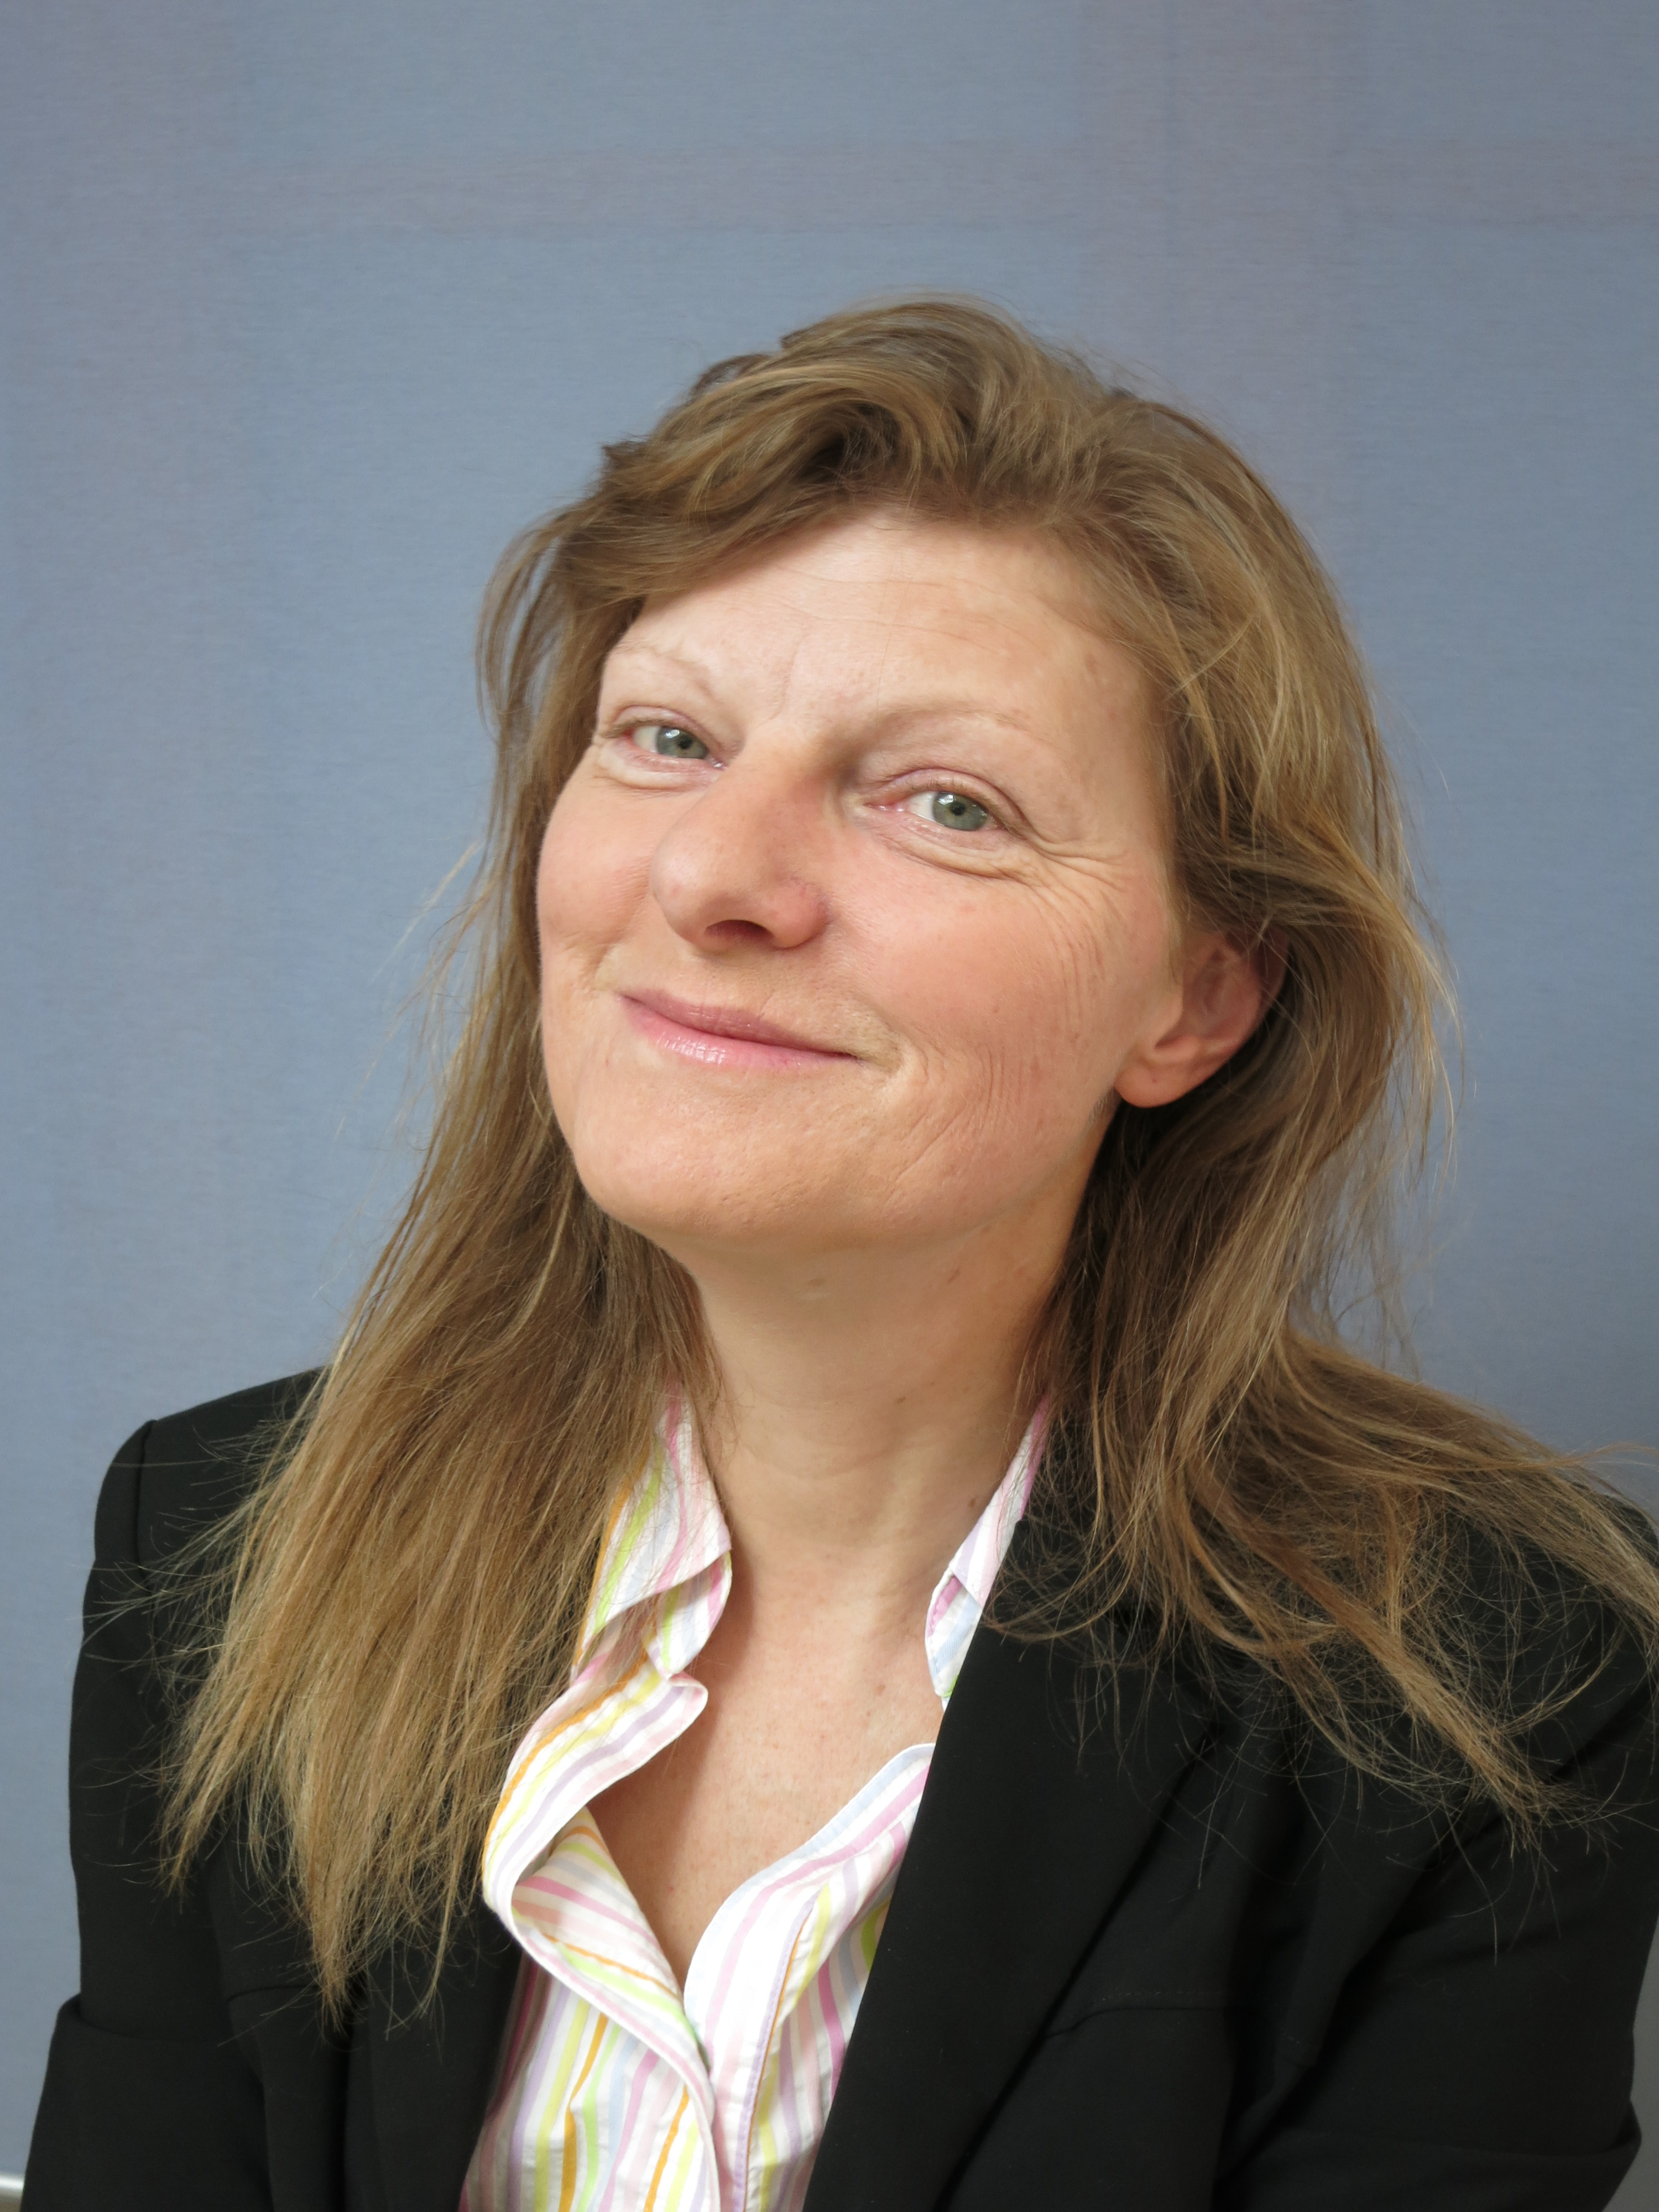 Portrait of Birgit Großmann